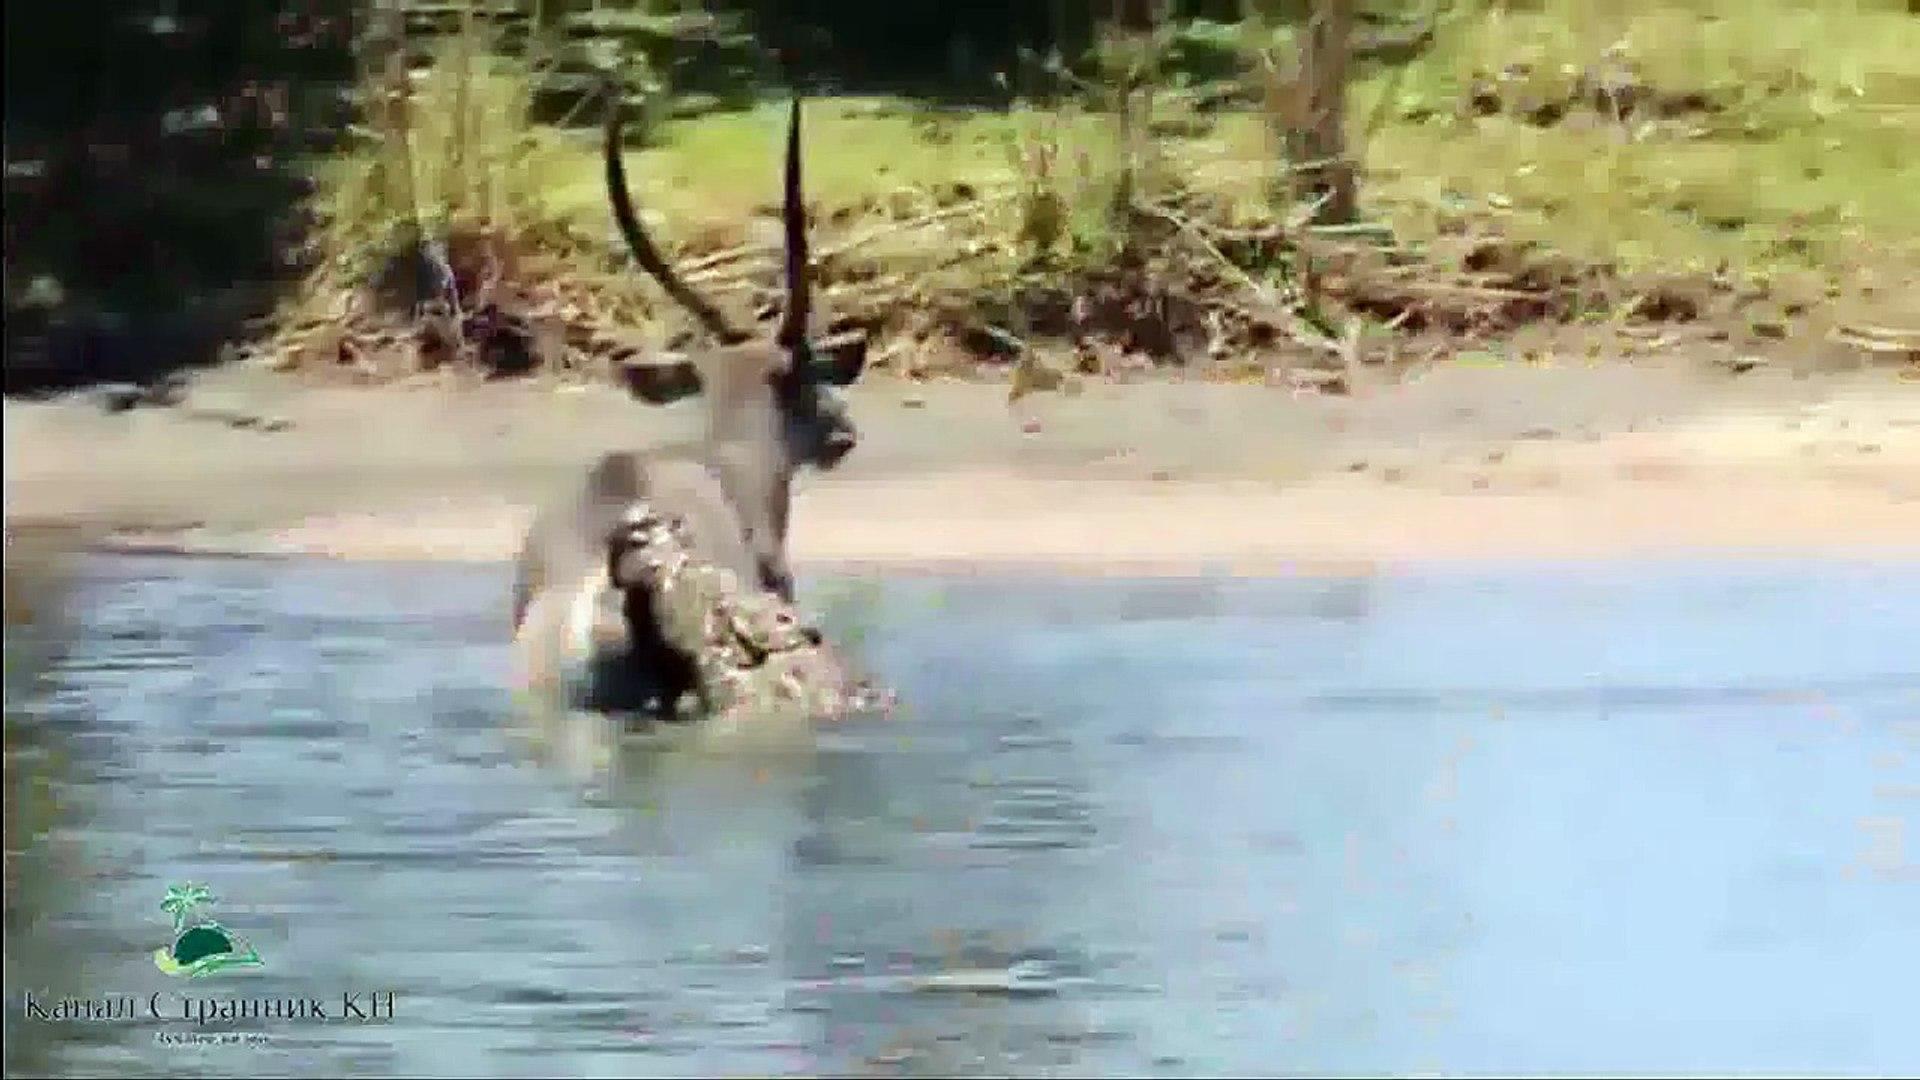 Зловещая охота крокодилов на зебр антилоп и газелей- Великая миграция через реку Мара